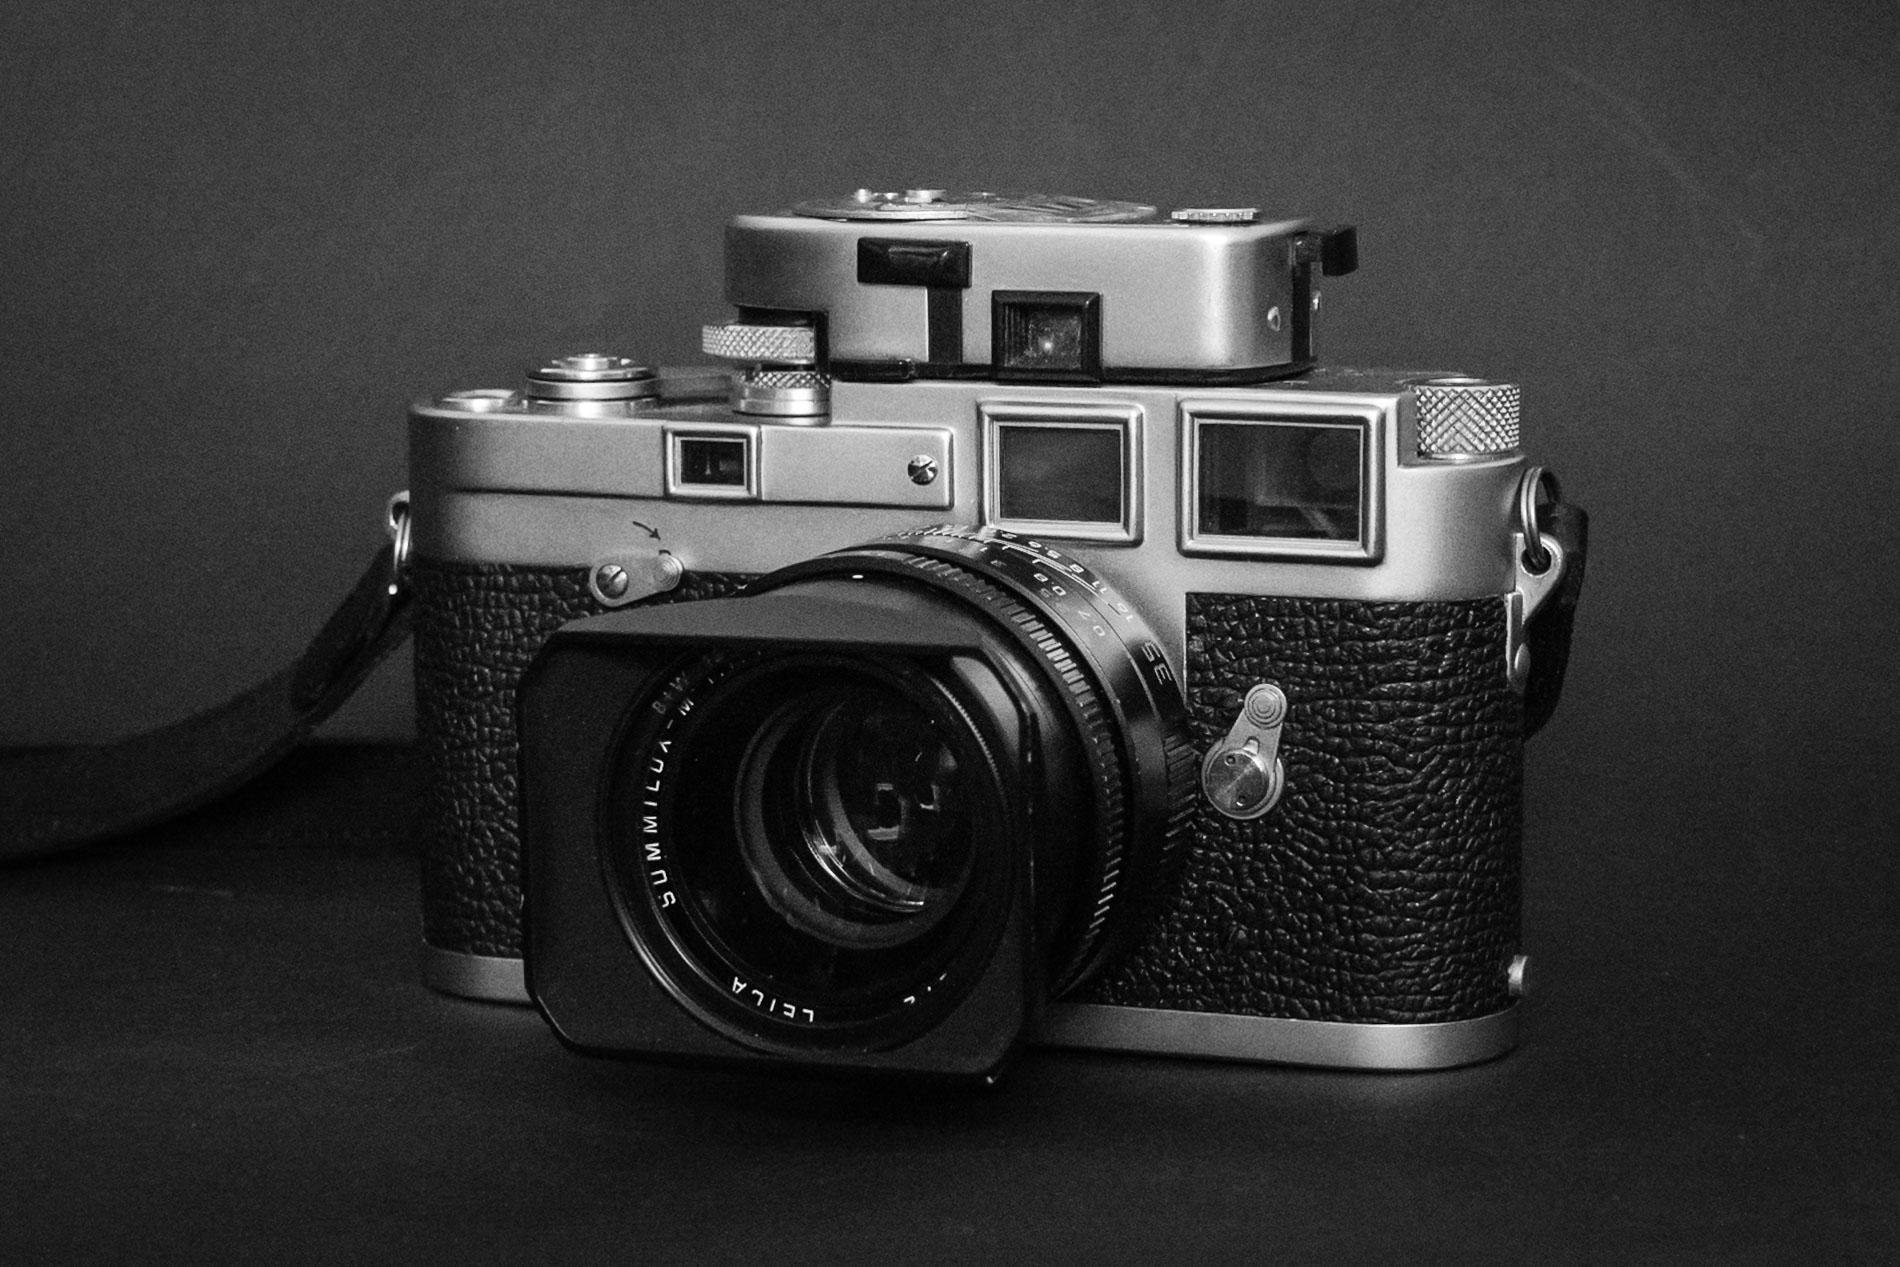 Die Leica M3 sieht das Licht - MesssucherweltMesssucherwelt